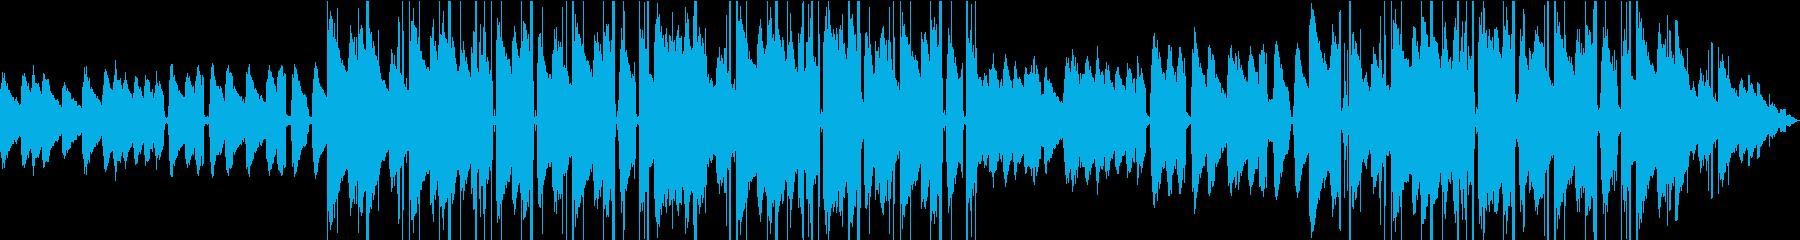 おしゃれvlog系Lofi Hiphopの再生済みの波形